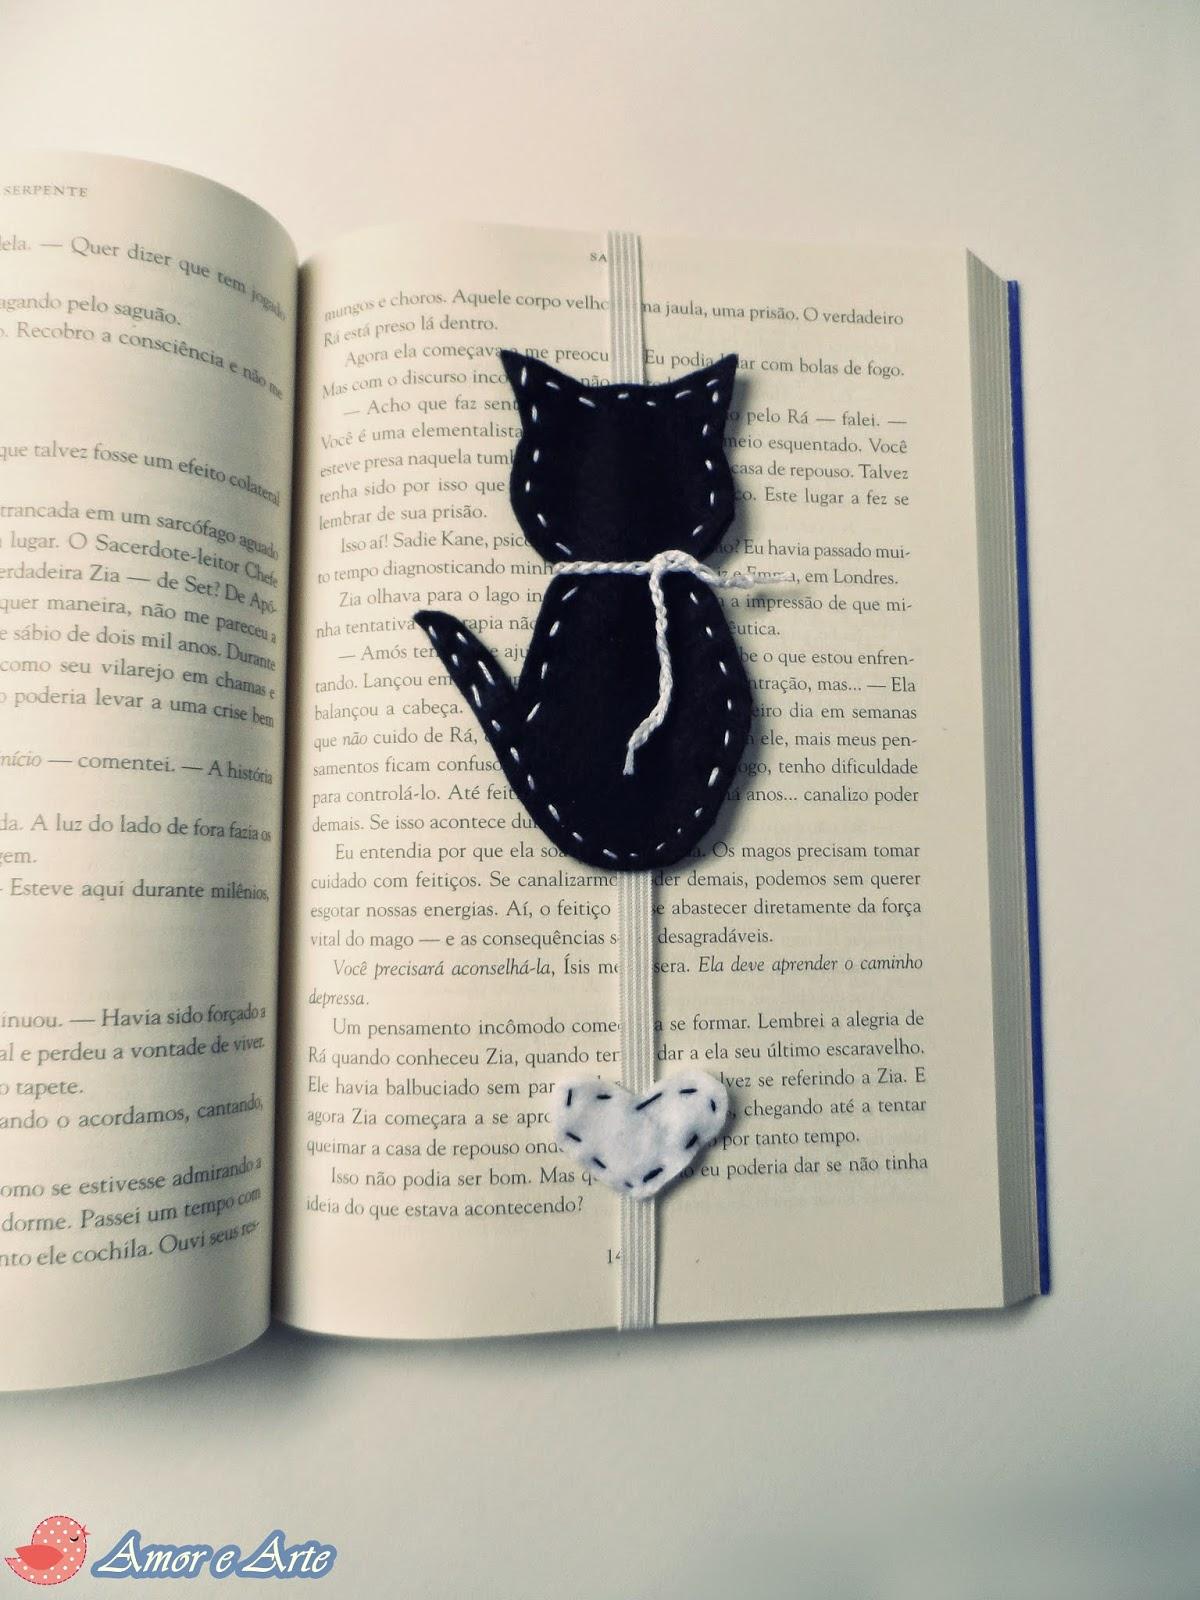 Amor e arte gatinho marcador de p ginas - Paginas de manualidades ...